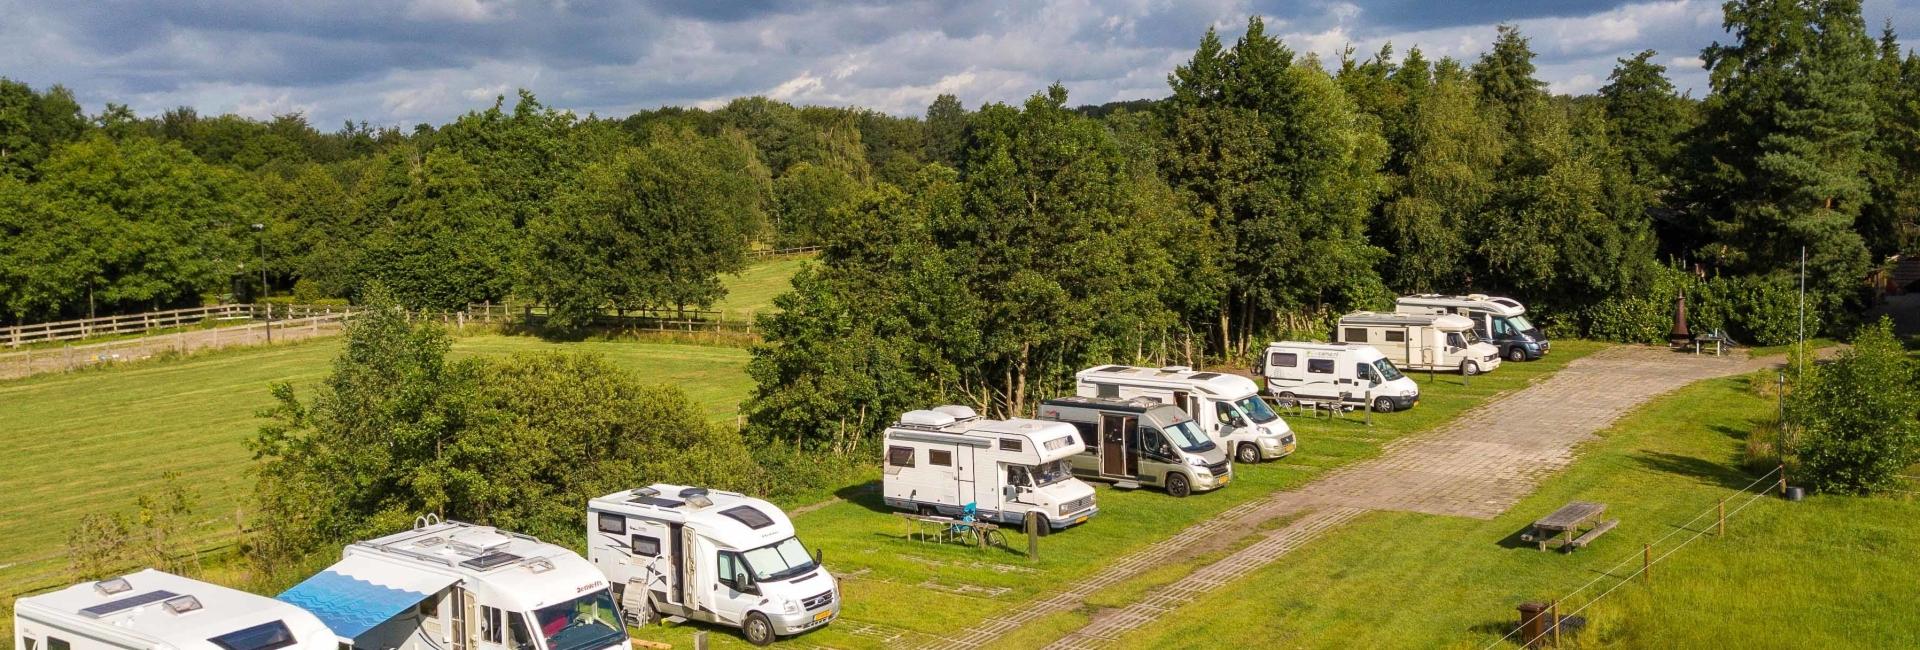 Camperplaatsen hele jaar open